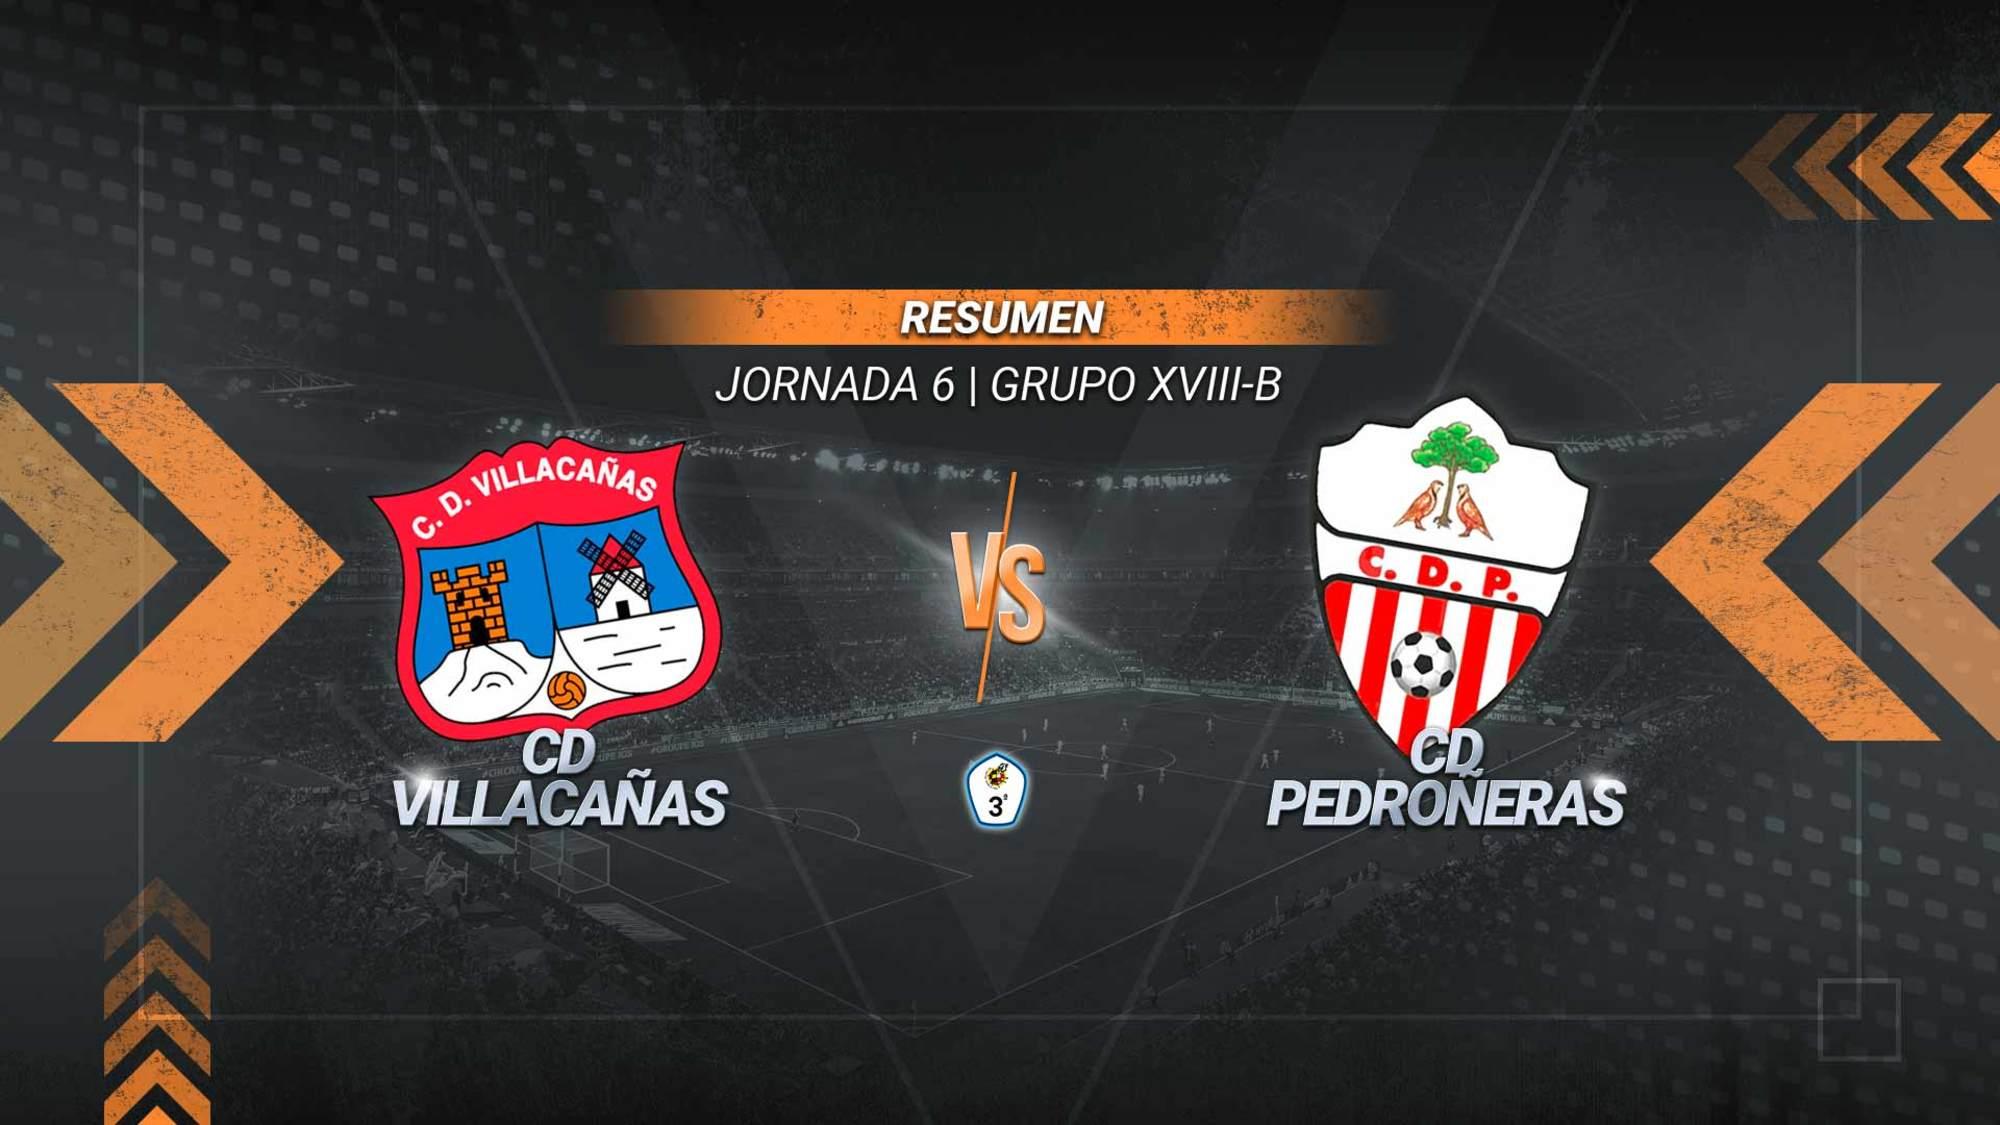 El Villacañas se impone al Pedroñeras y logra el primer triunfo de la temporada. Los goles de Raúl Godoy y Álex González sirven a los villacañeros para estrenarse en Las Pirámides y alcanzar los cinco puntos.